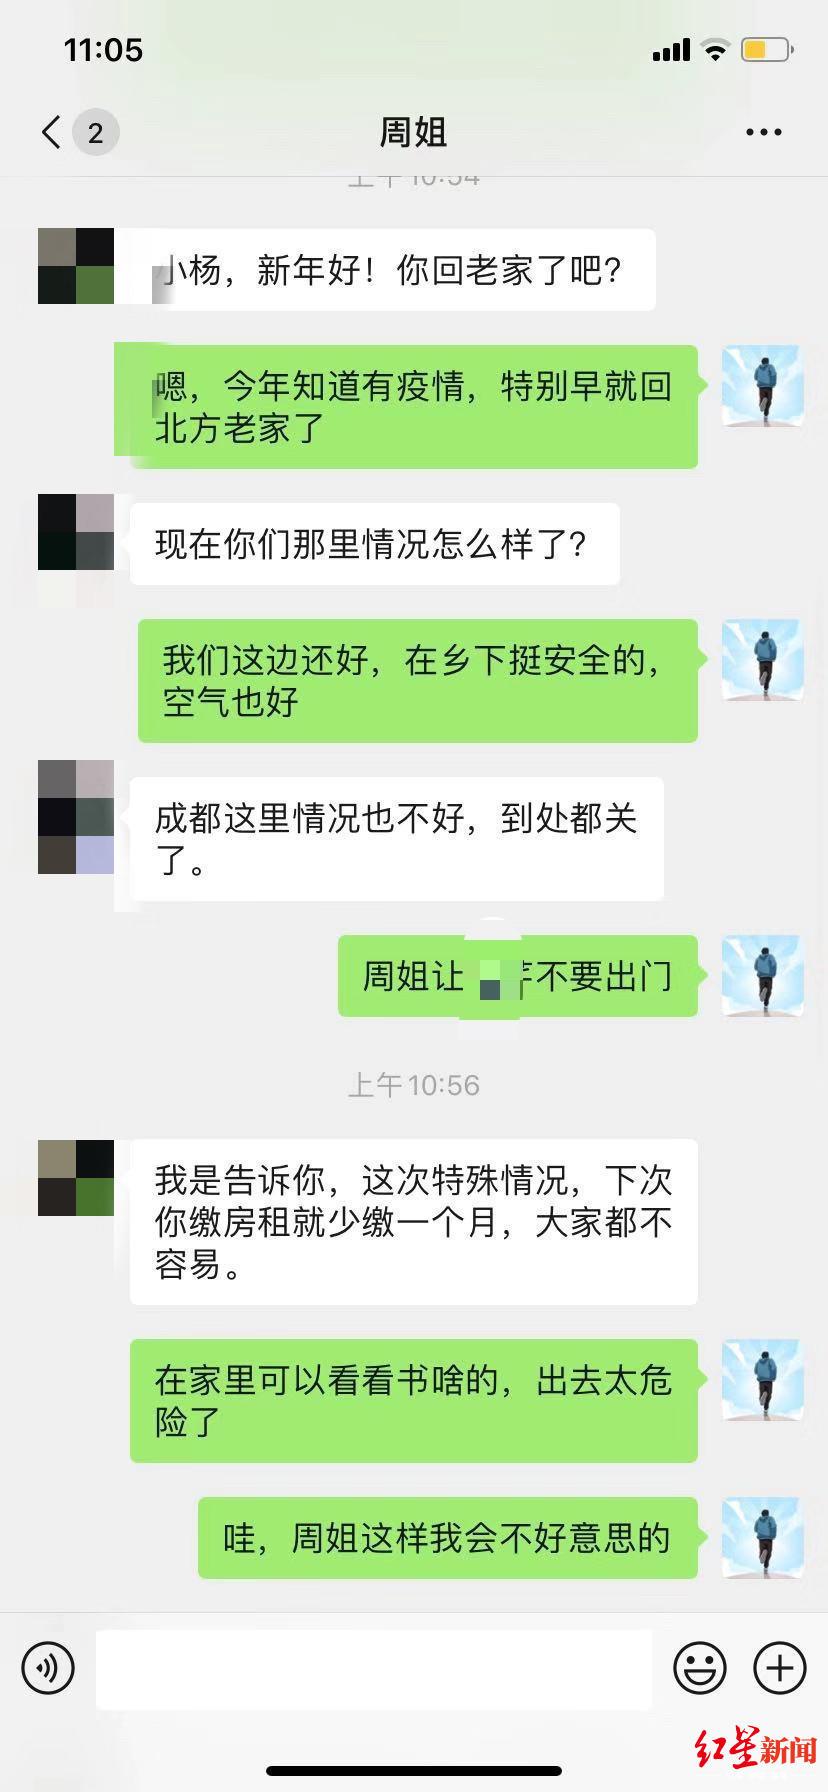 """蓉漂小伙收到房东免租消息:""""少缴一个月,大家都不容易"""""""